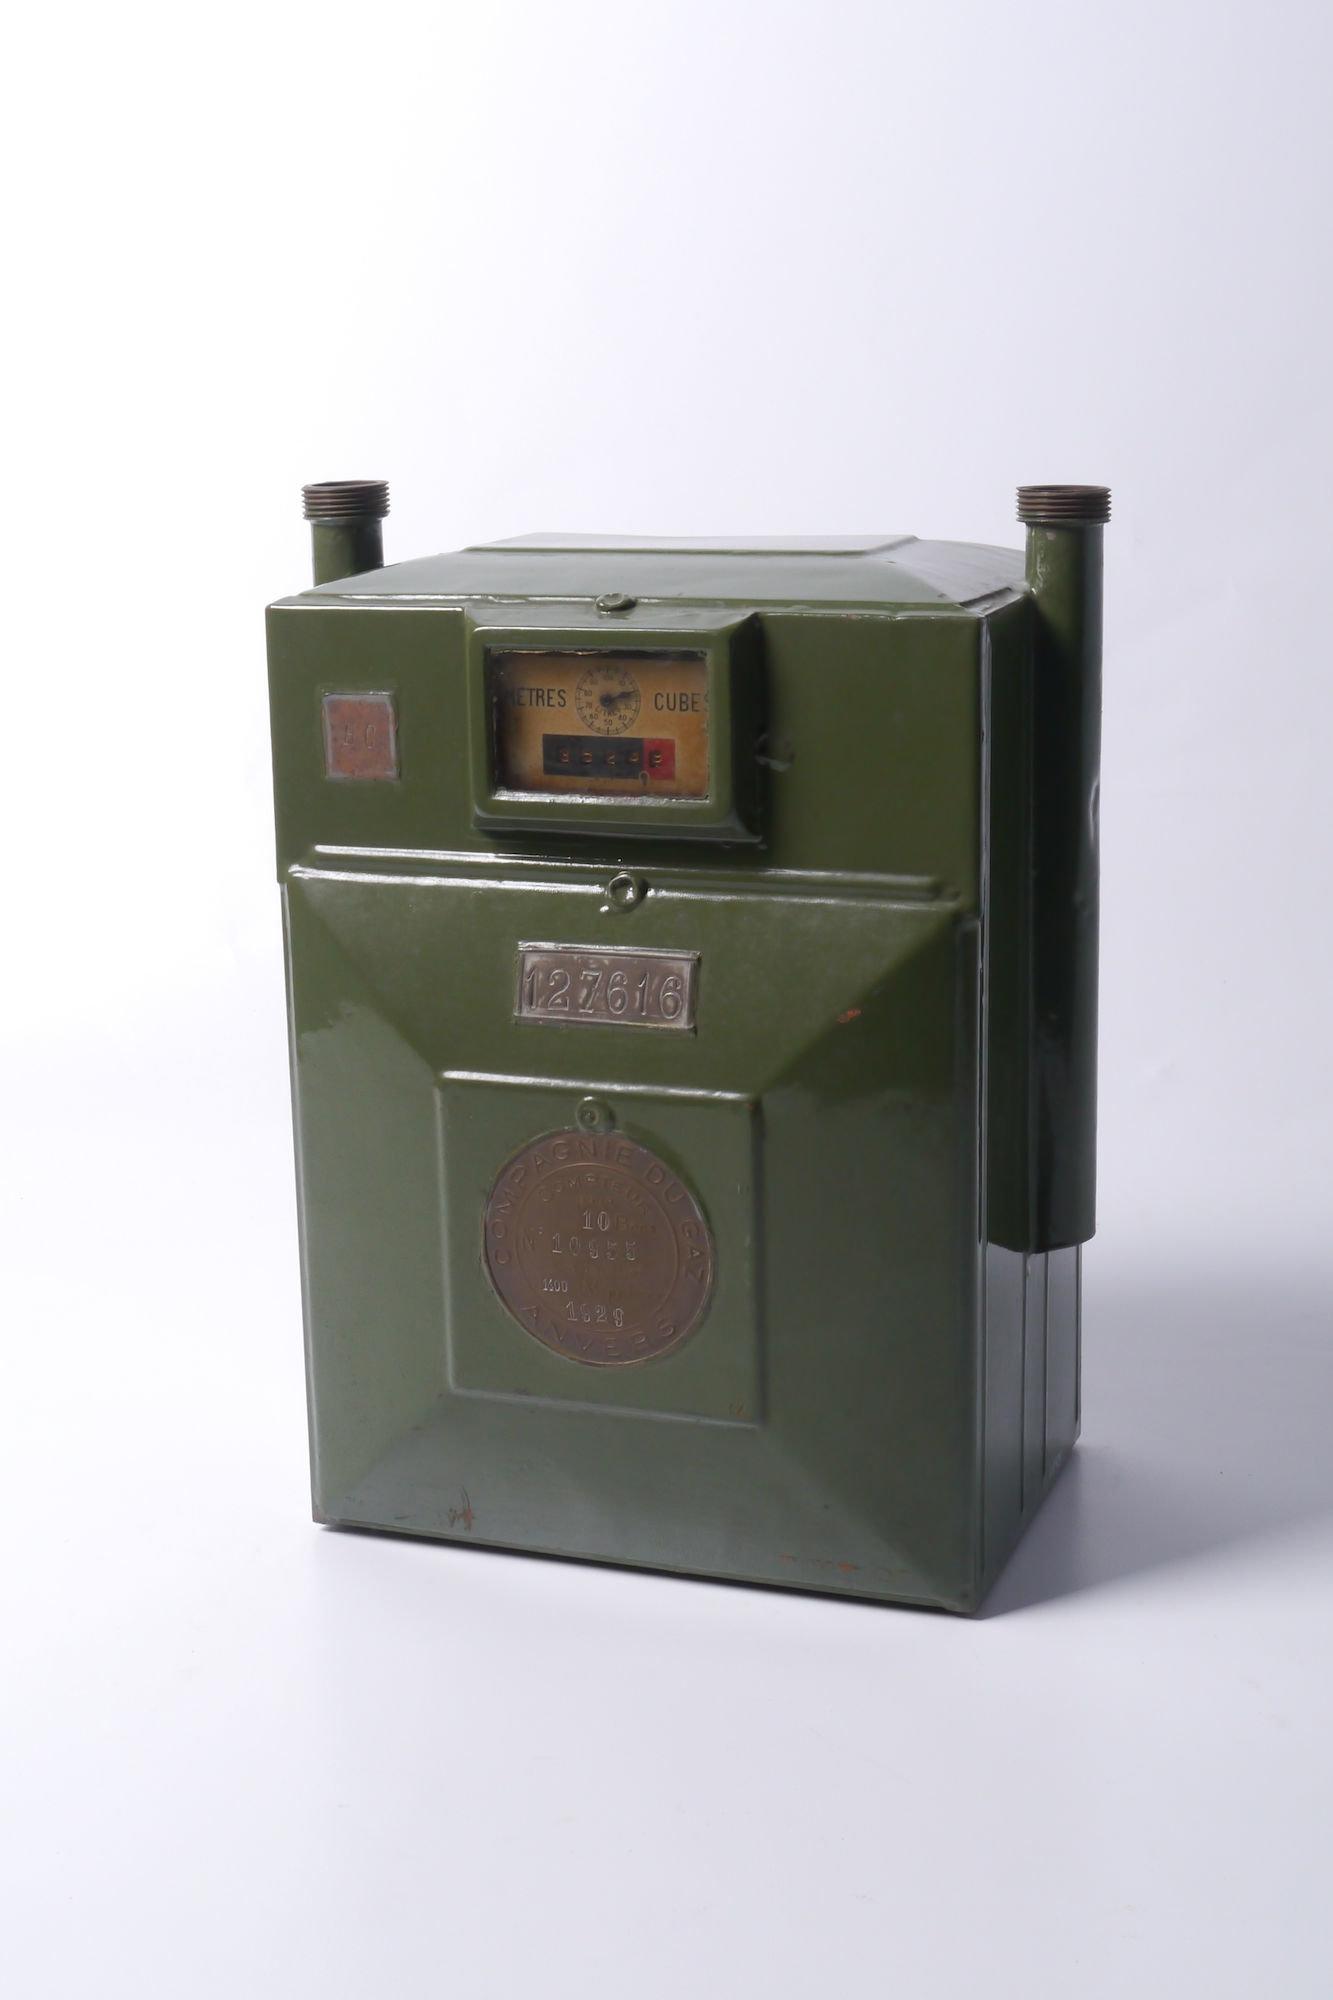 Verbruiksmeter voor gas van het merk Compagnie du Gaz Anvers